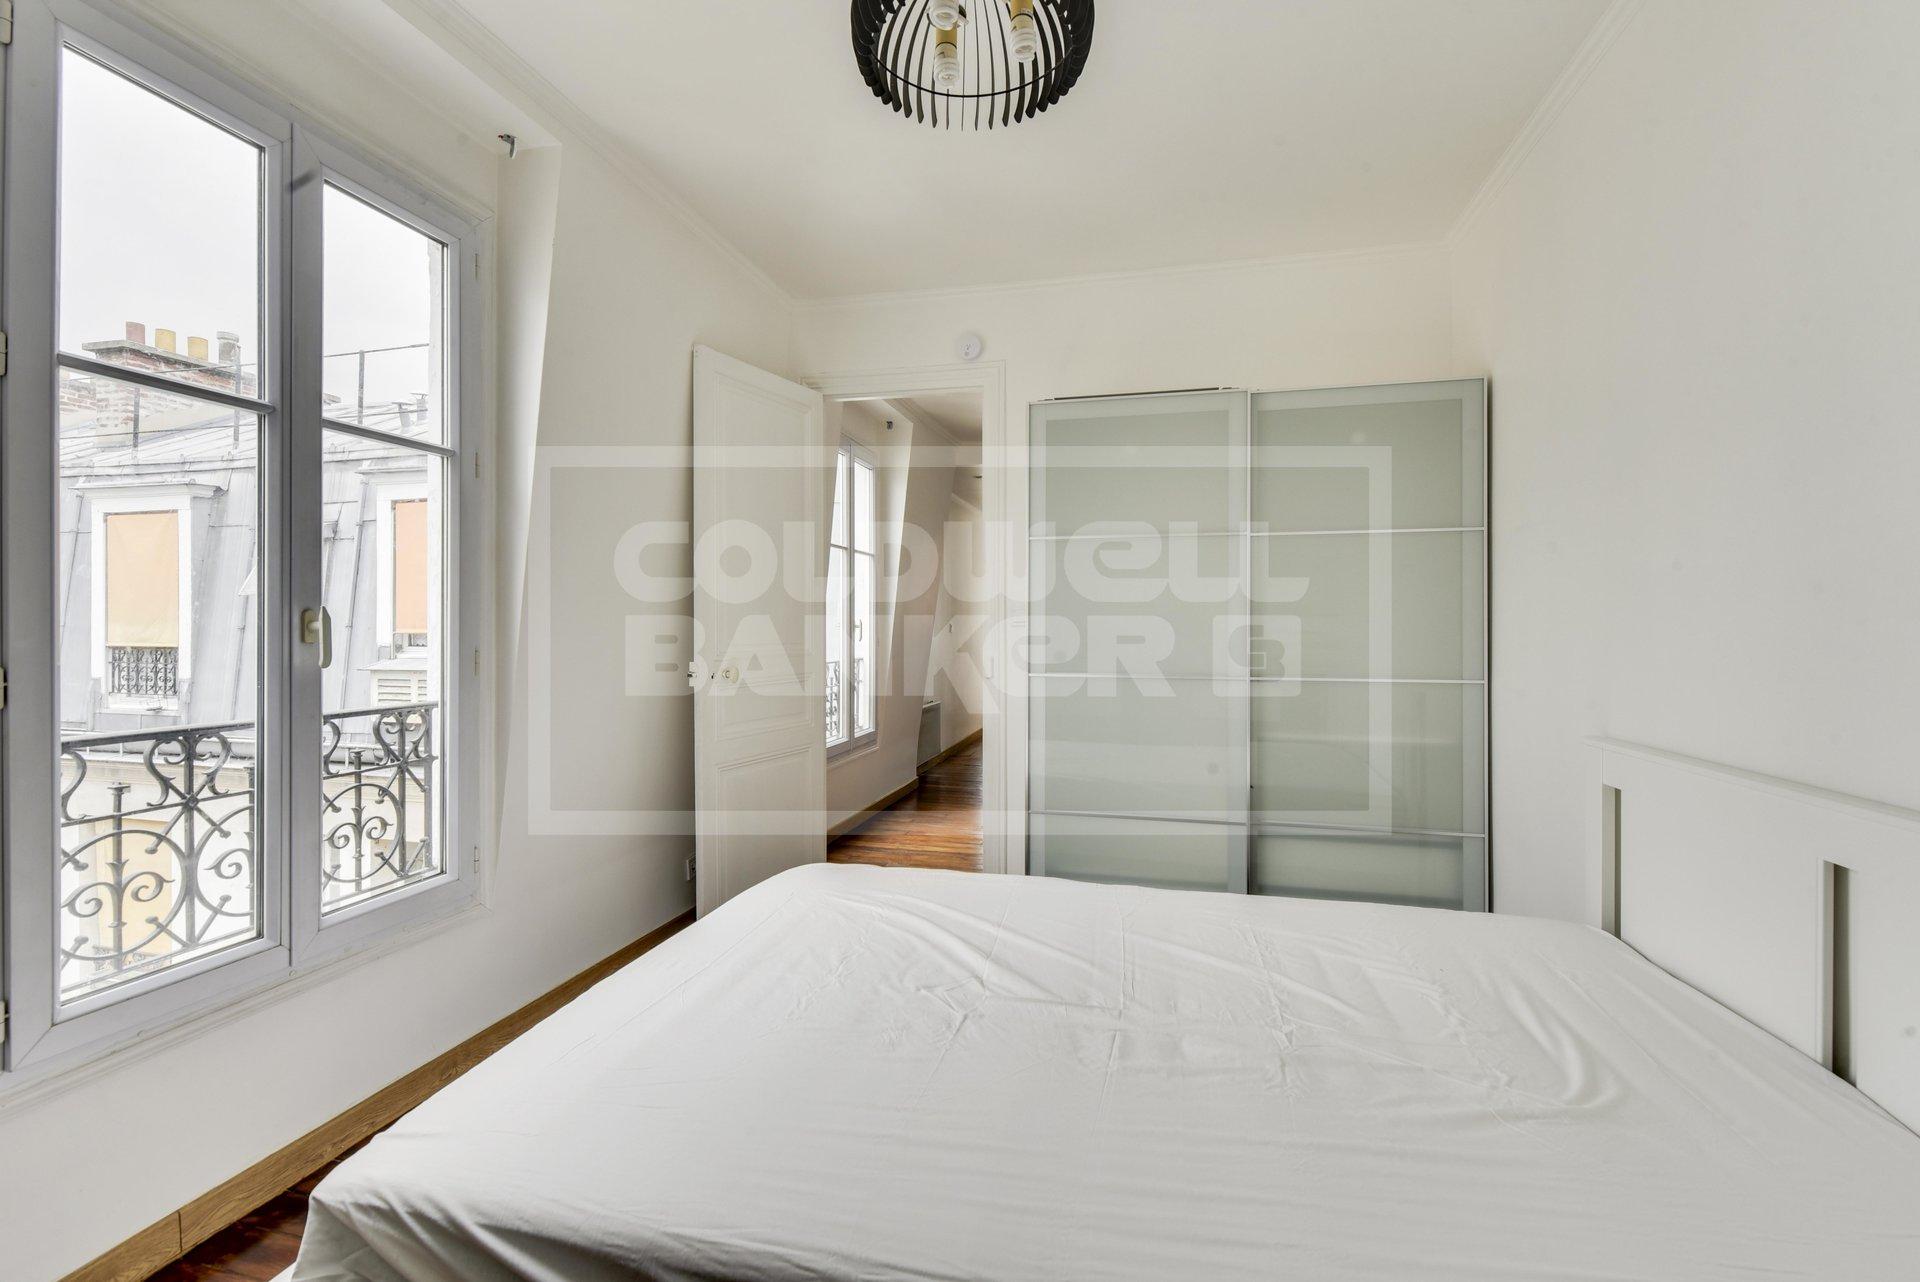 Vente Appartement - Paris 5ème Jardin-des-Plantes